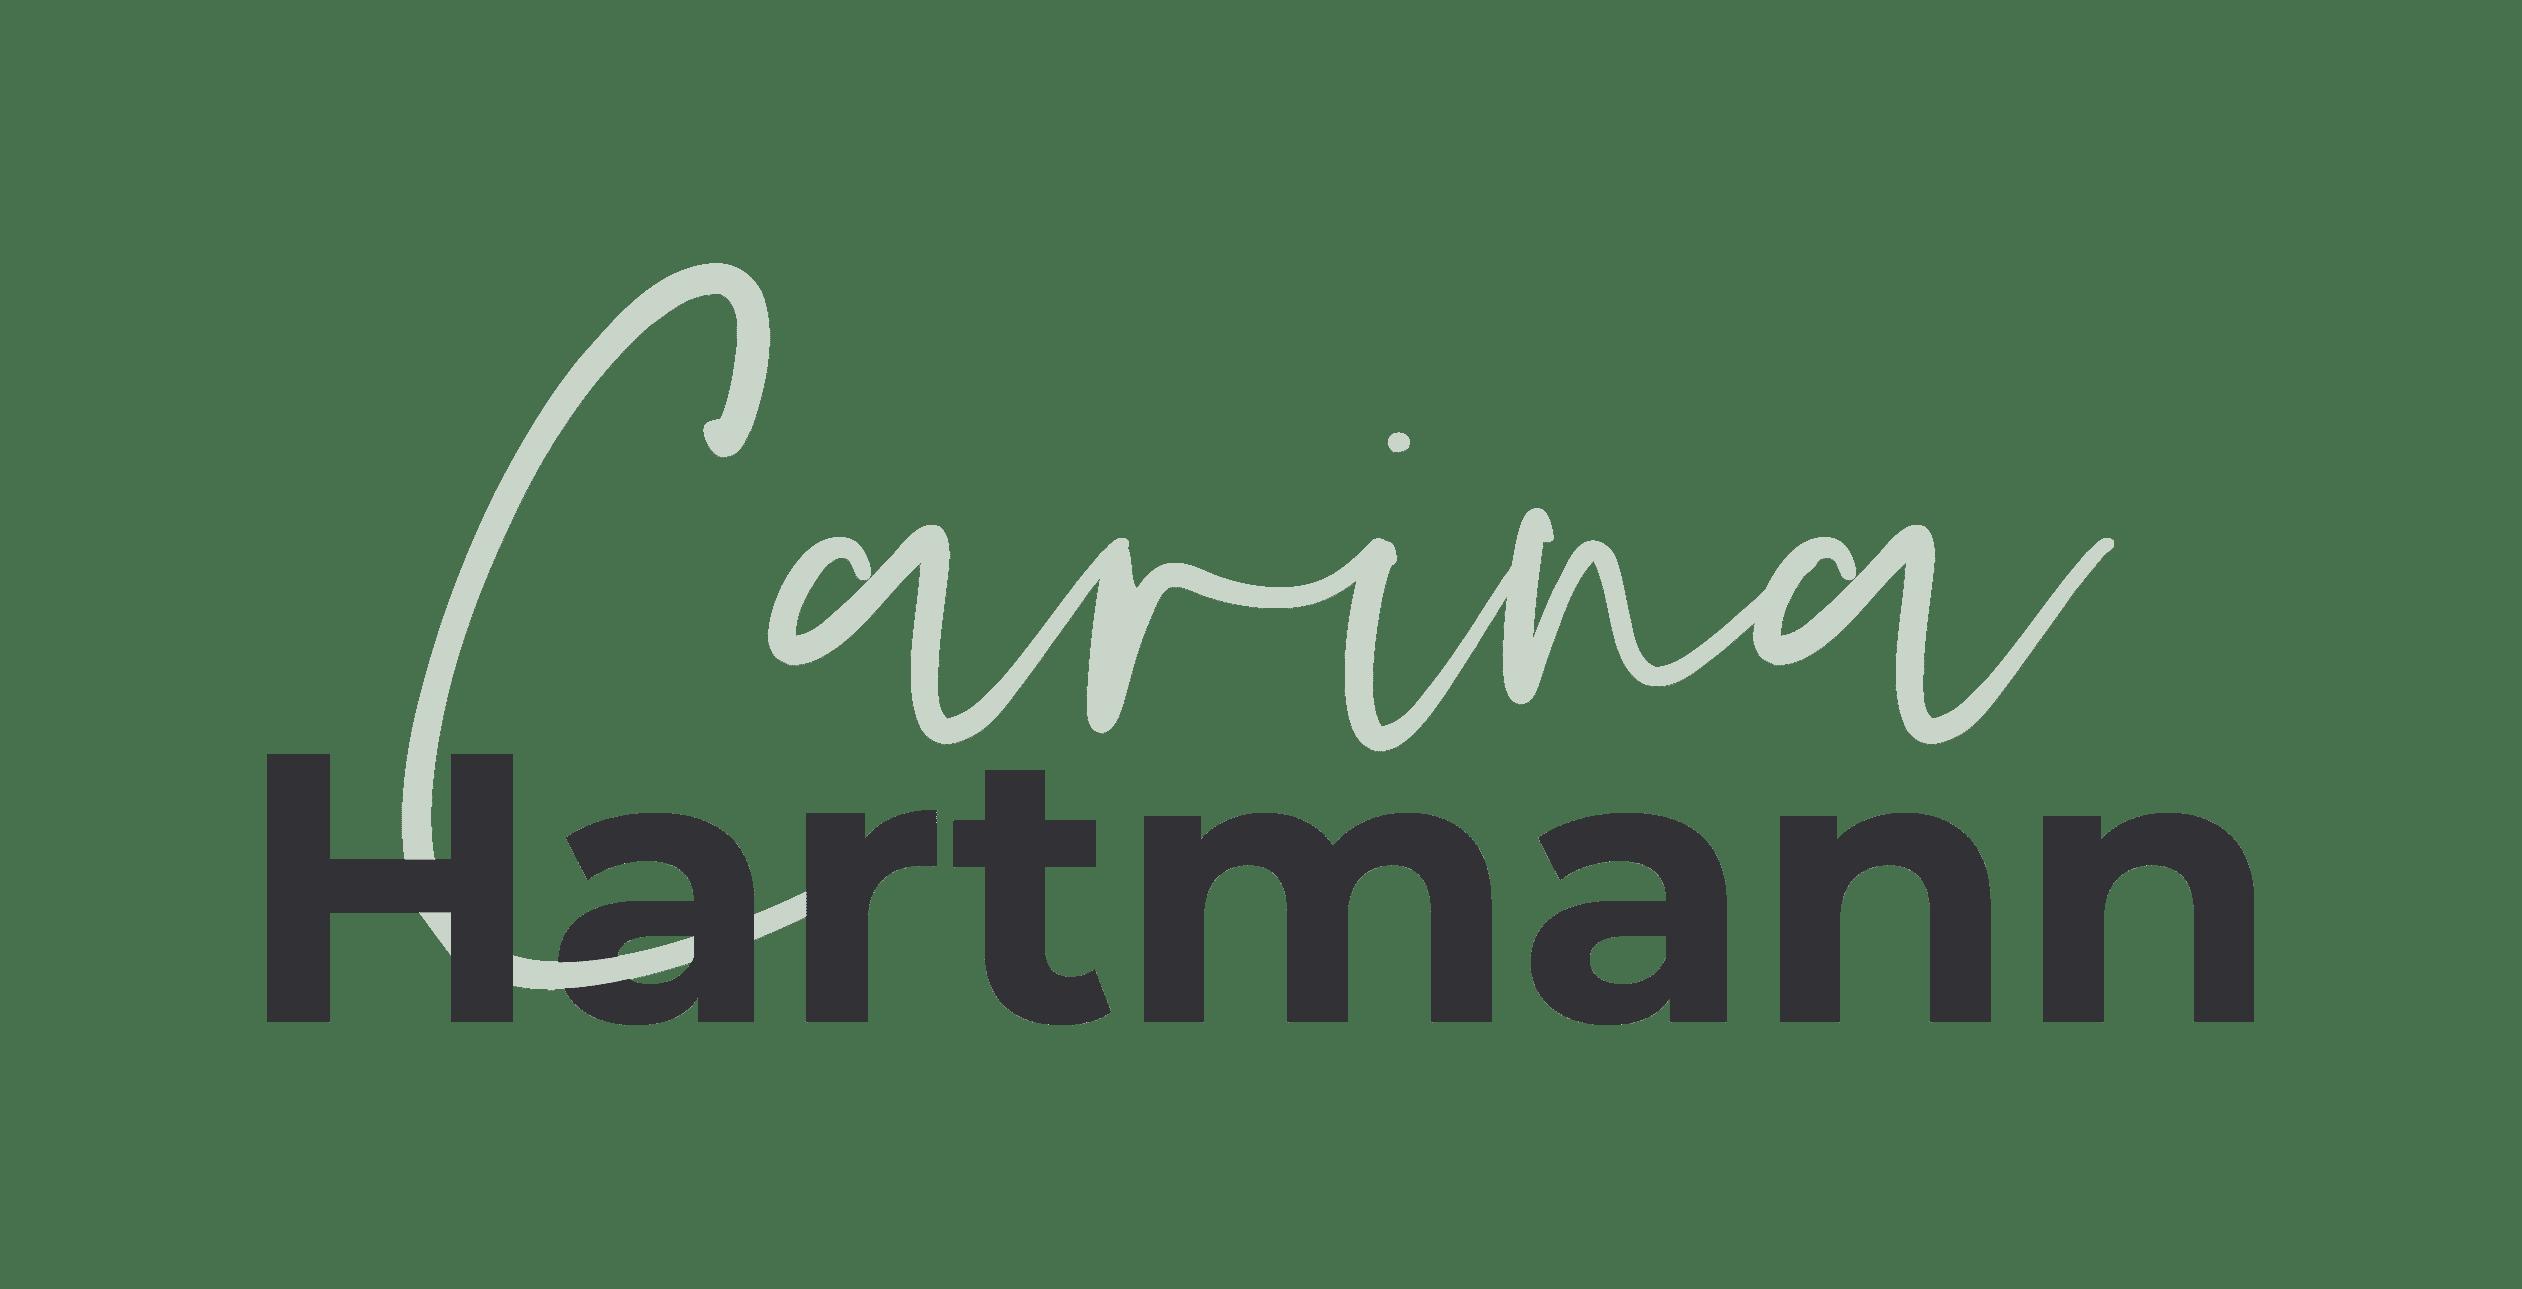 Carina Hartmann